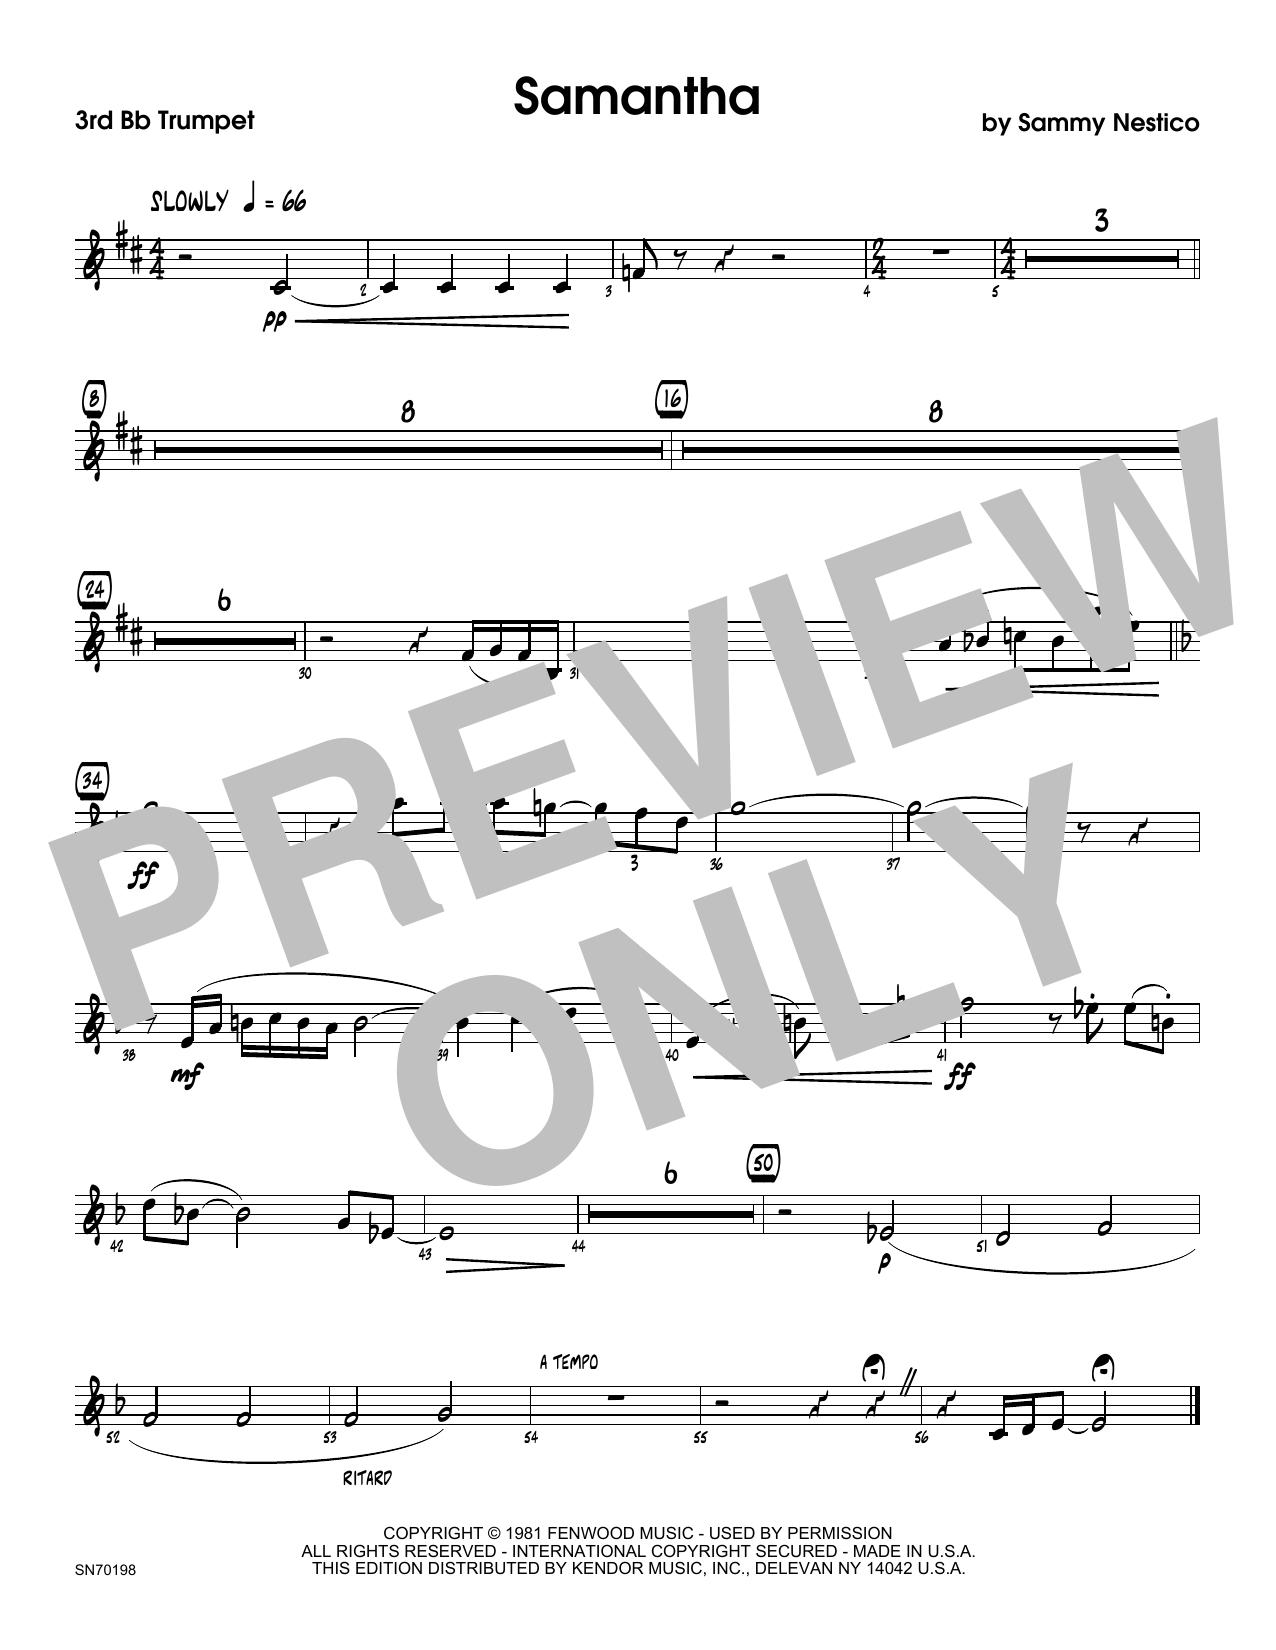 Samantha - 2nd Bb Trumpet